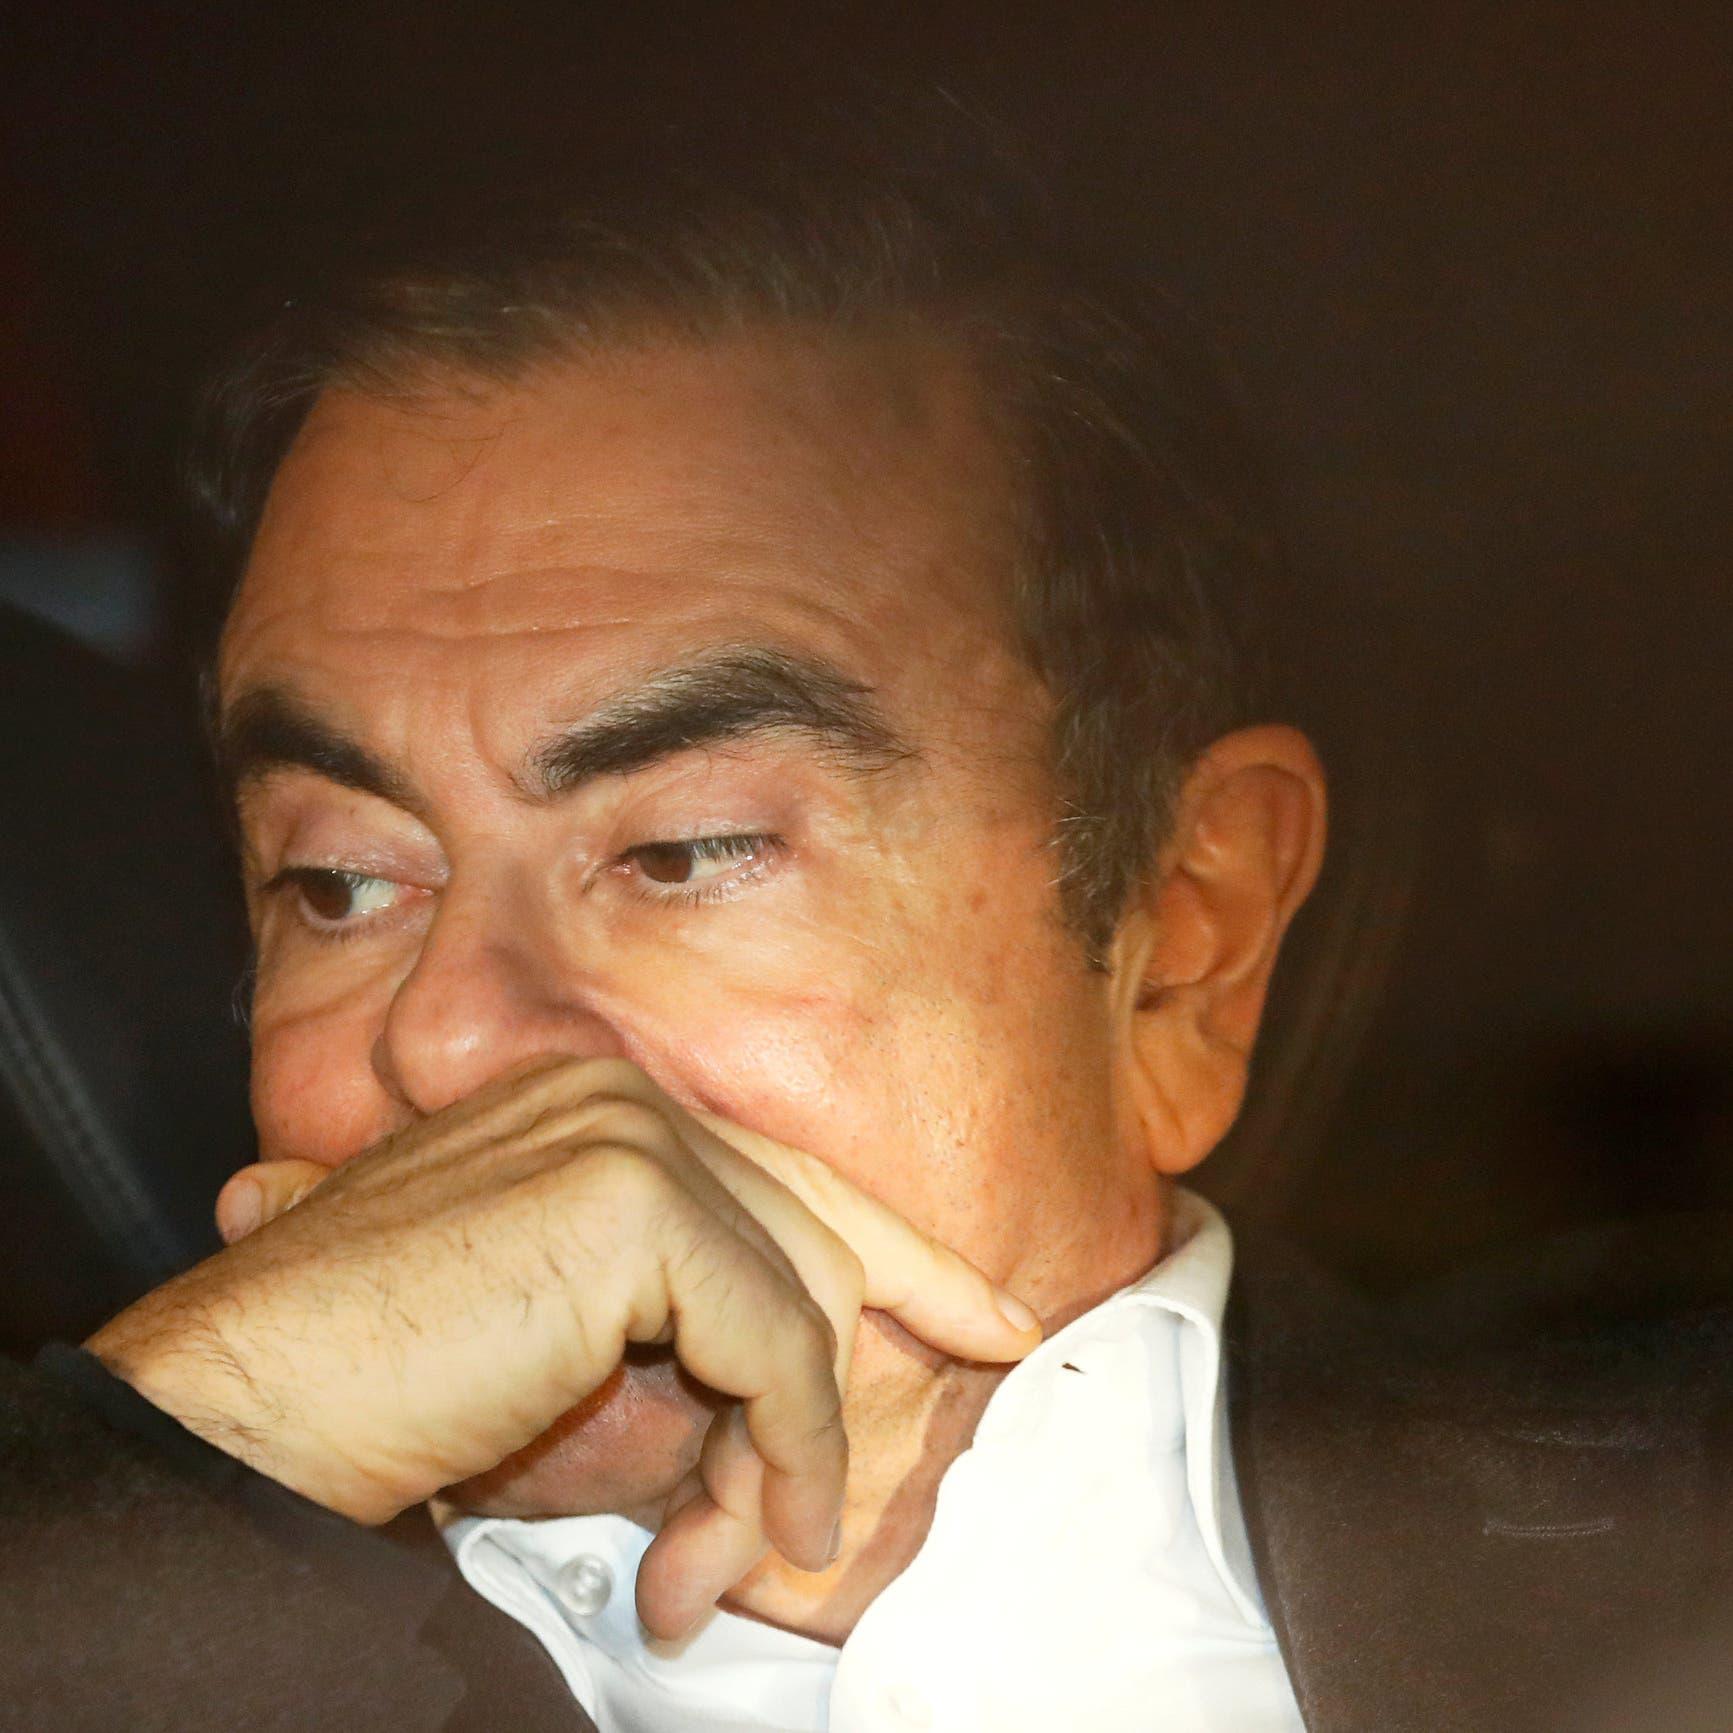 لقاء فرنسي ياباني يبحث مستقبل رينو - نيسان وتحقيقات غصن